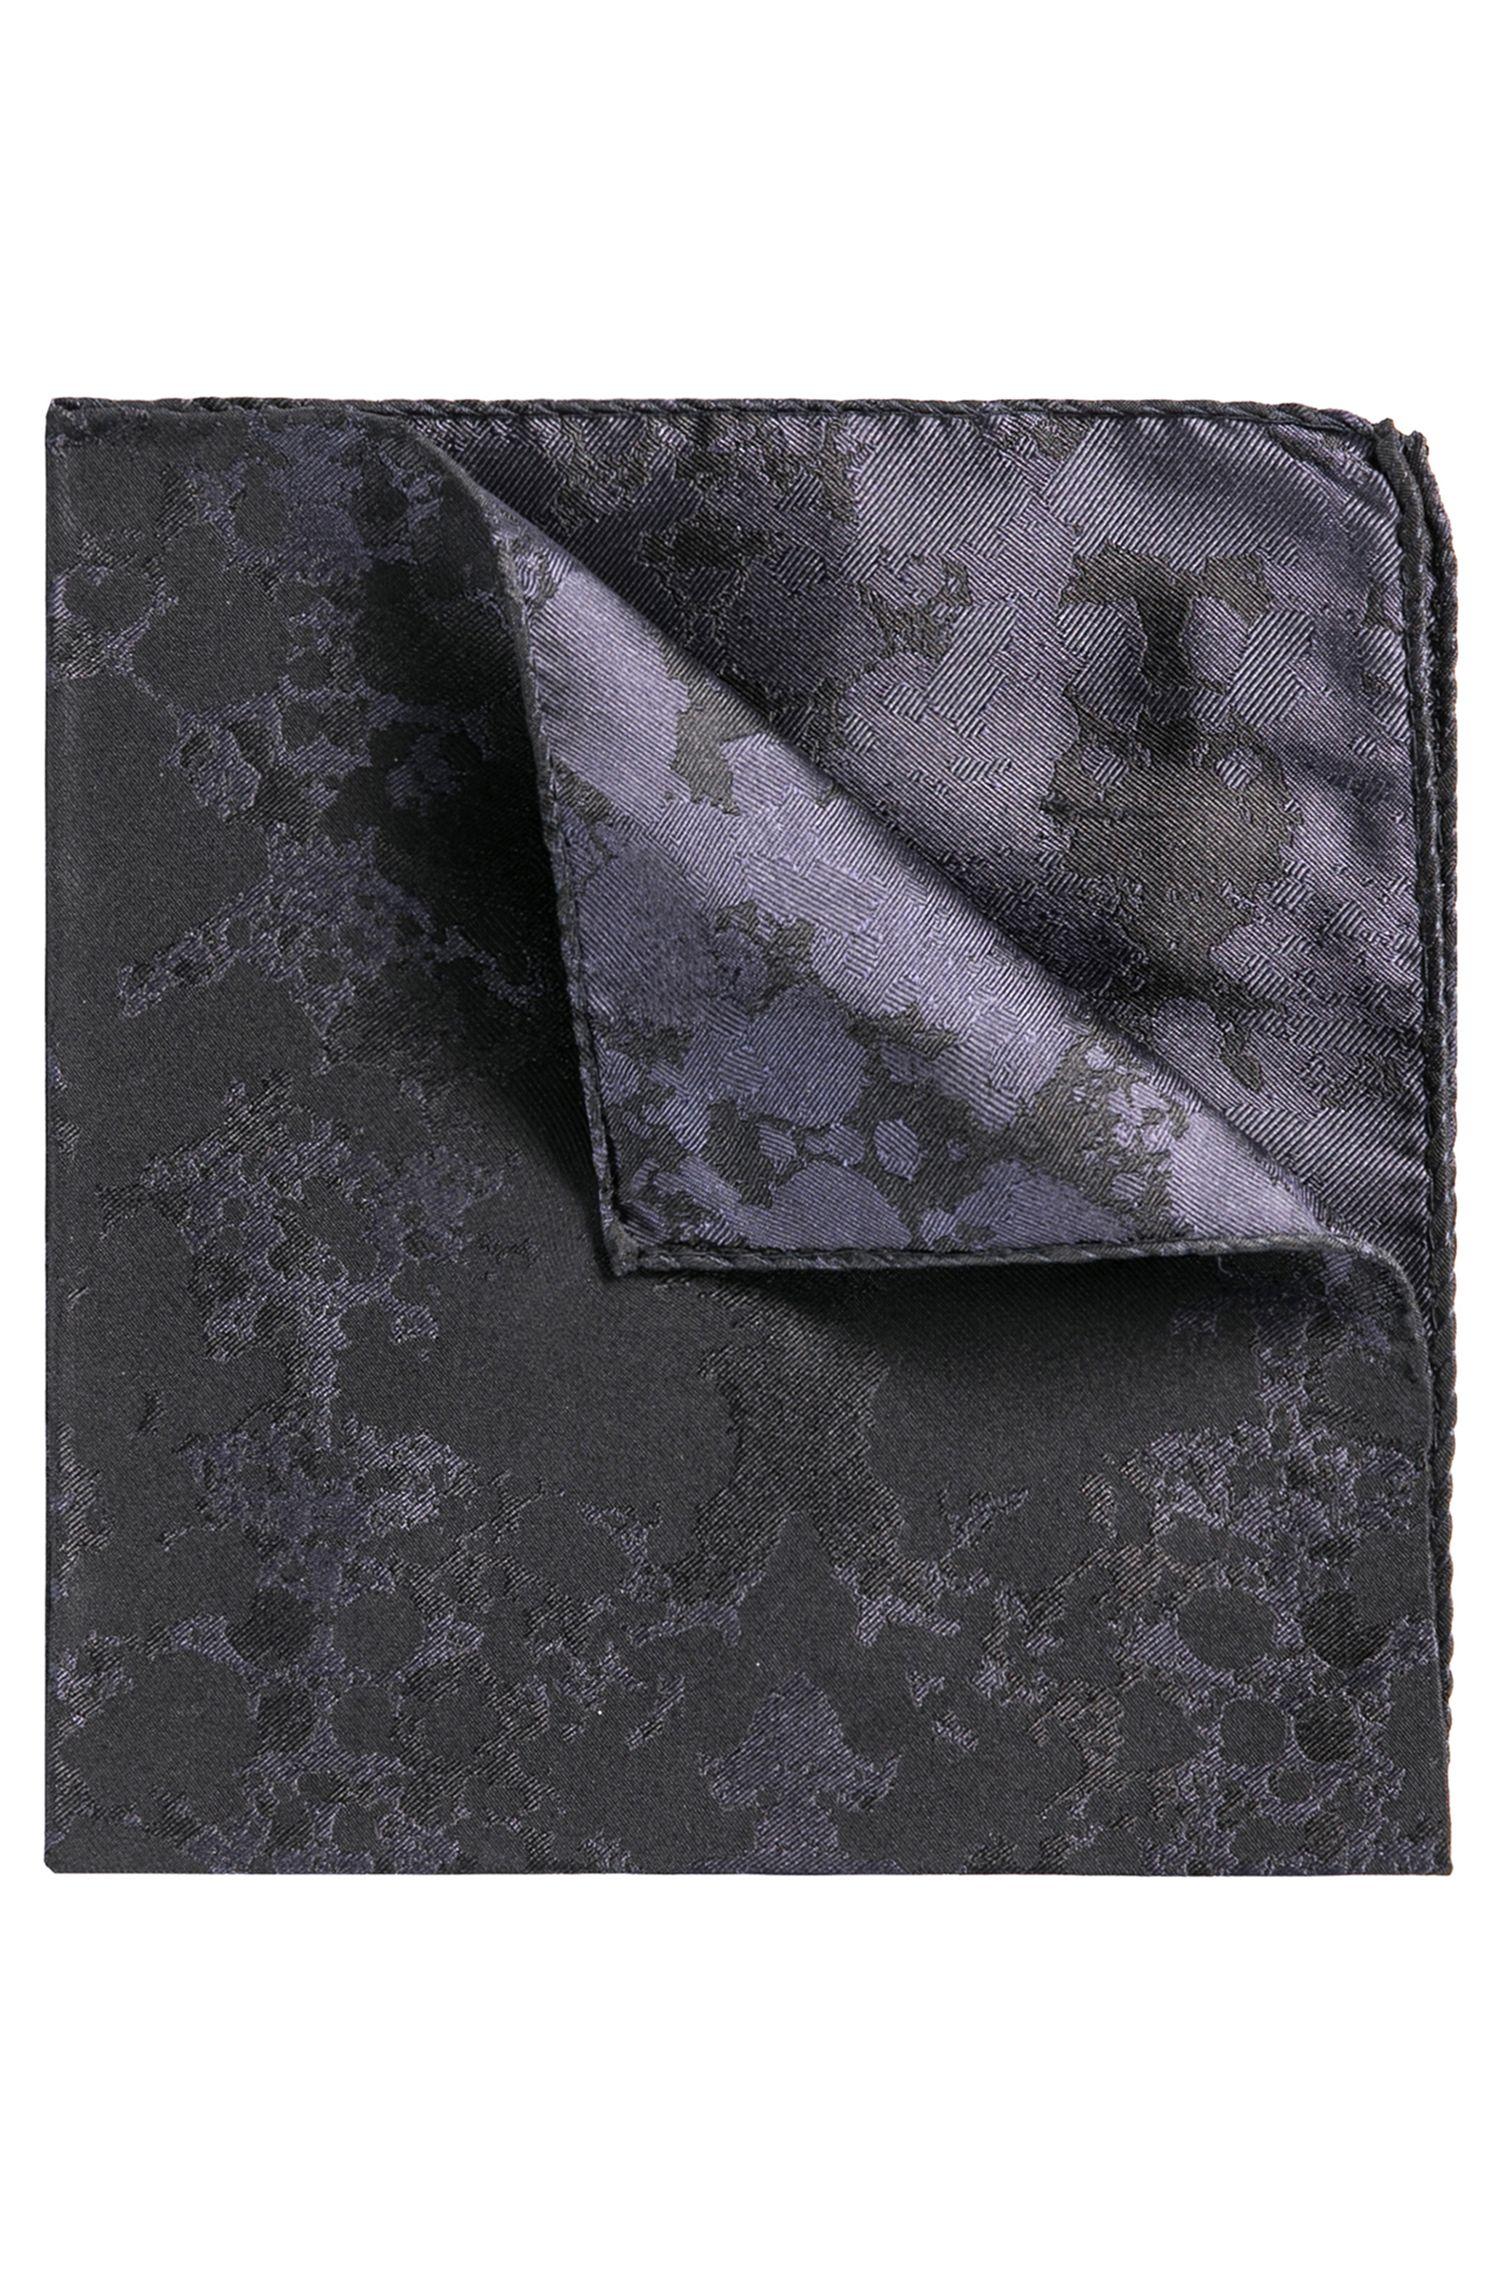 Pochet in een jacquard van zijde met inktvlekdessin